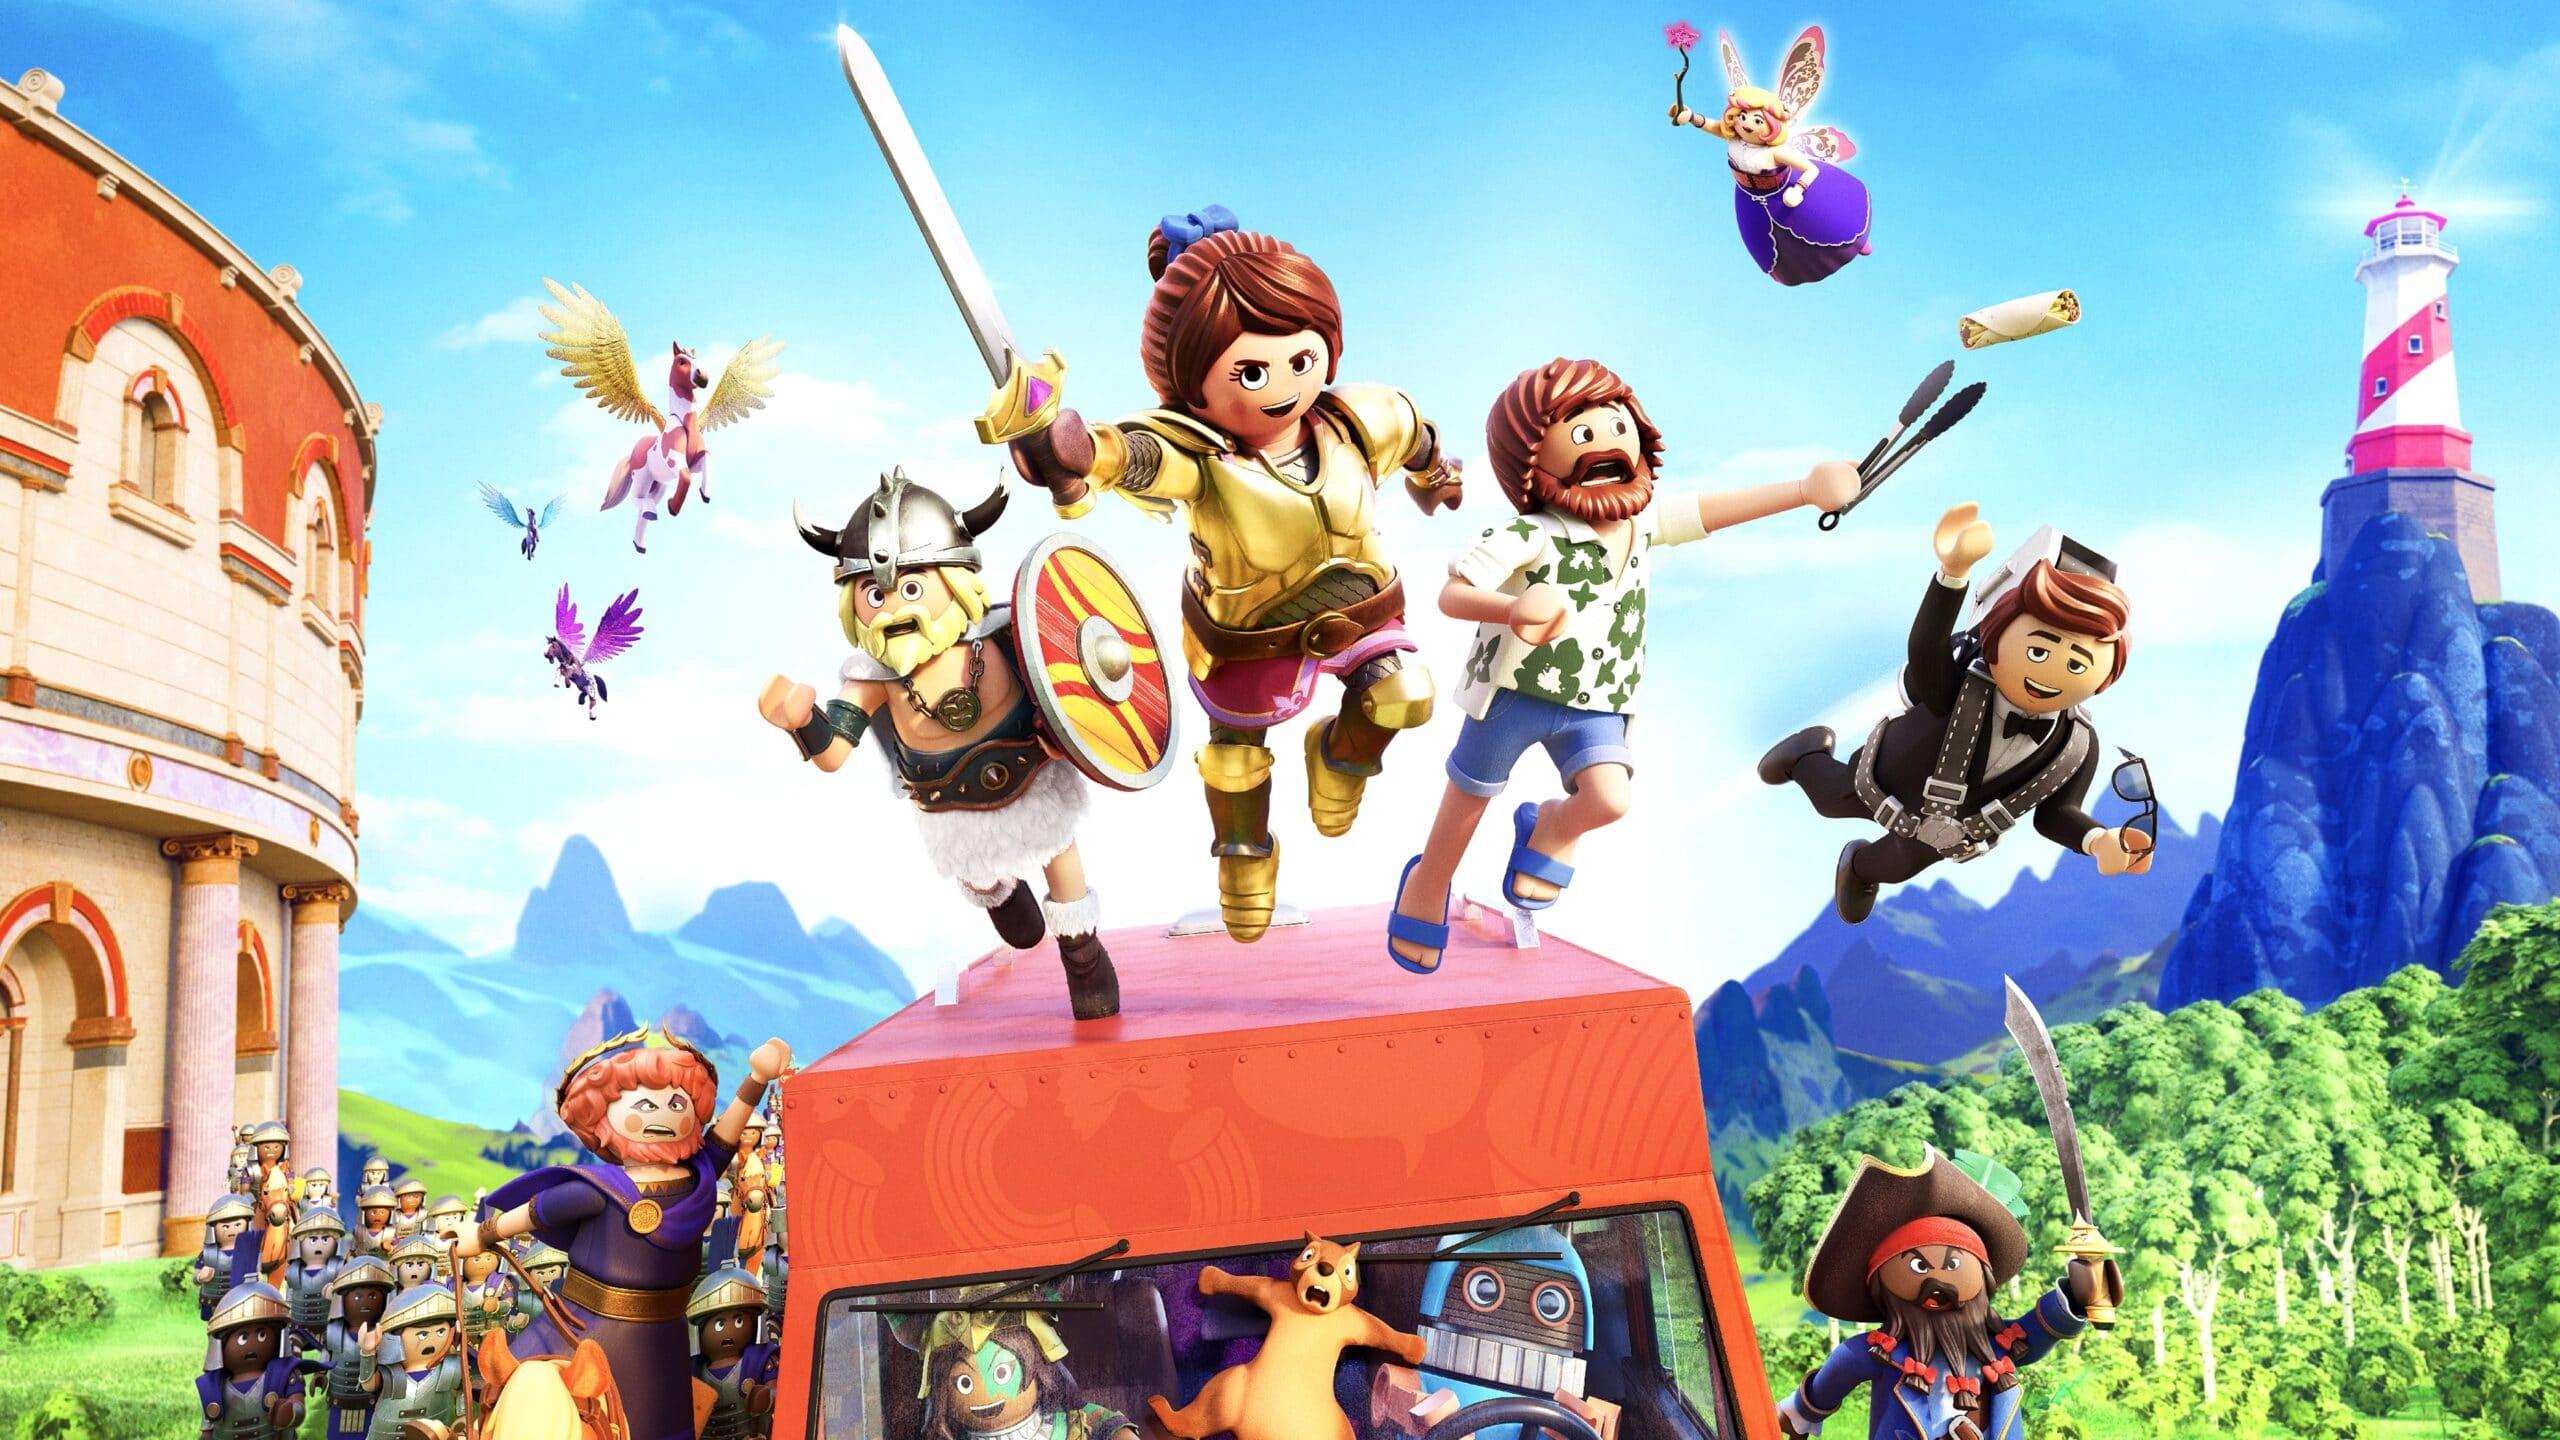 Movie - Playmobil: The Movie